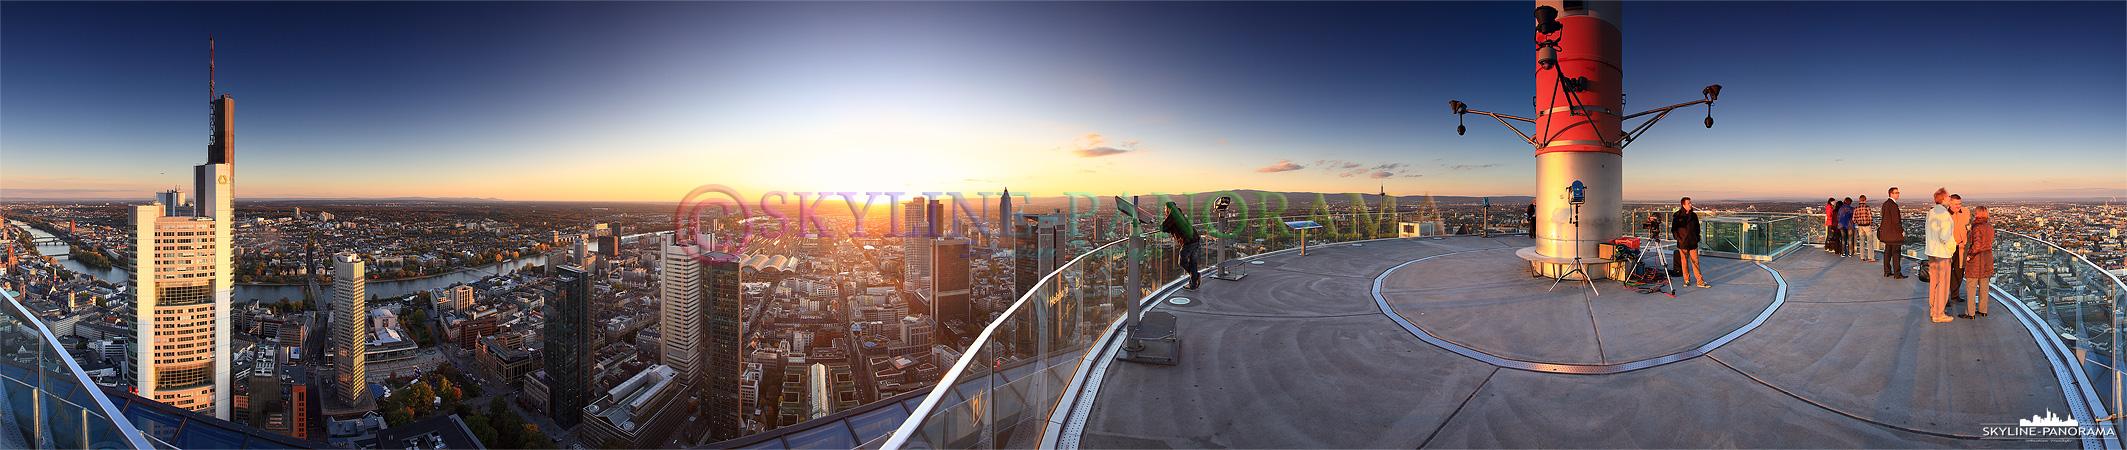 Panorama Sonnenuntergang - Frankfurt Maintower | Dieses 360 Grad Panorama zeigt die Aussicht vom Maintower aus zum Sonnenuntergang auf Frankfurt am Main. Die Besucher der Aussichtsplattform genießen die letzten wärmenden Sonnenstrahlen des Tages und erleben einen der beeindruckendsten Blicke auf die herbstliche Mainmetropole.